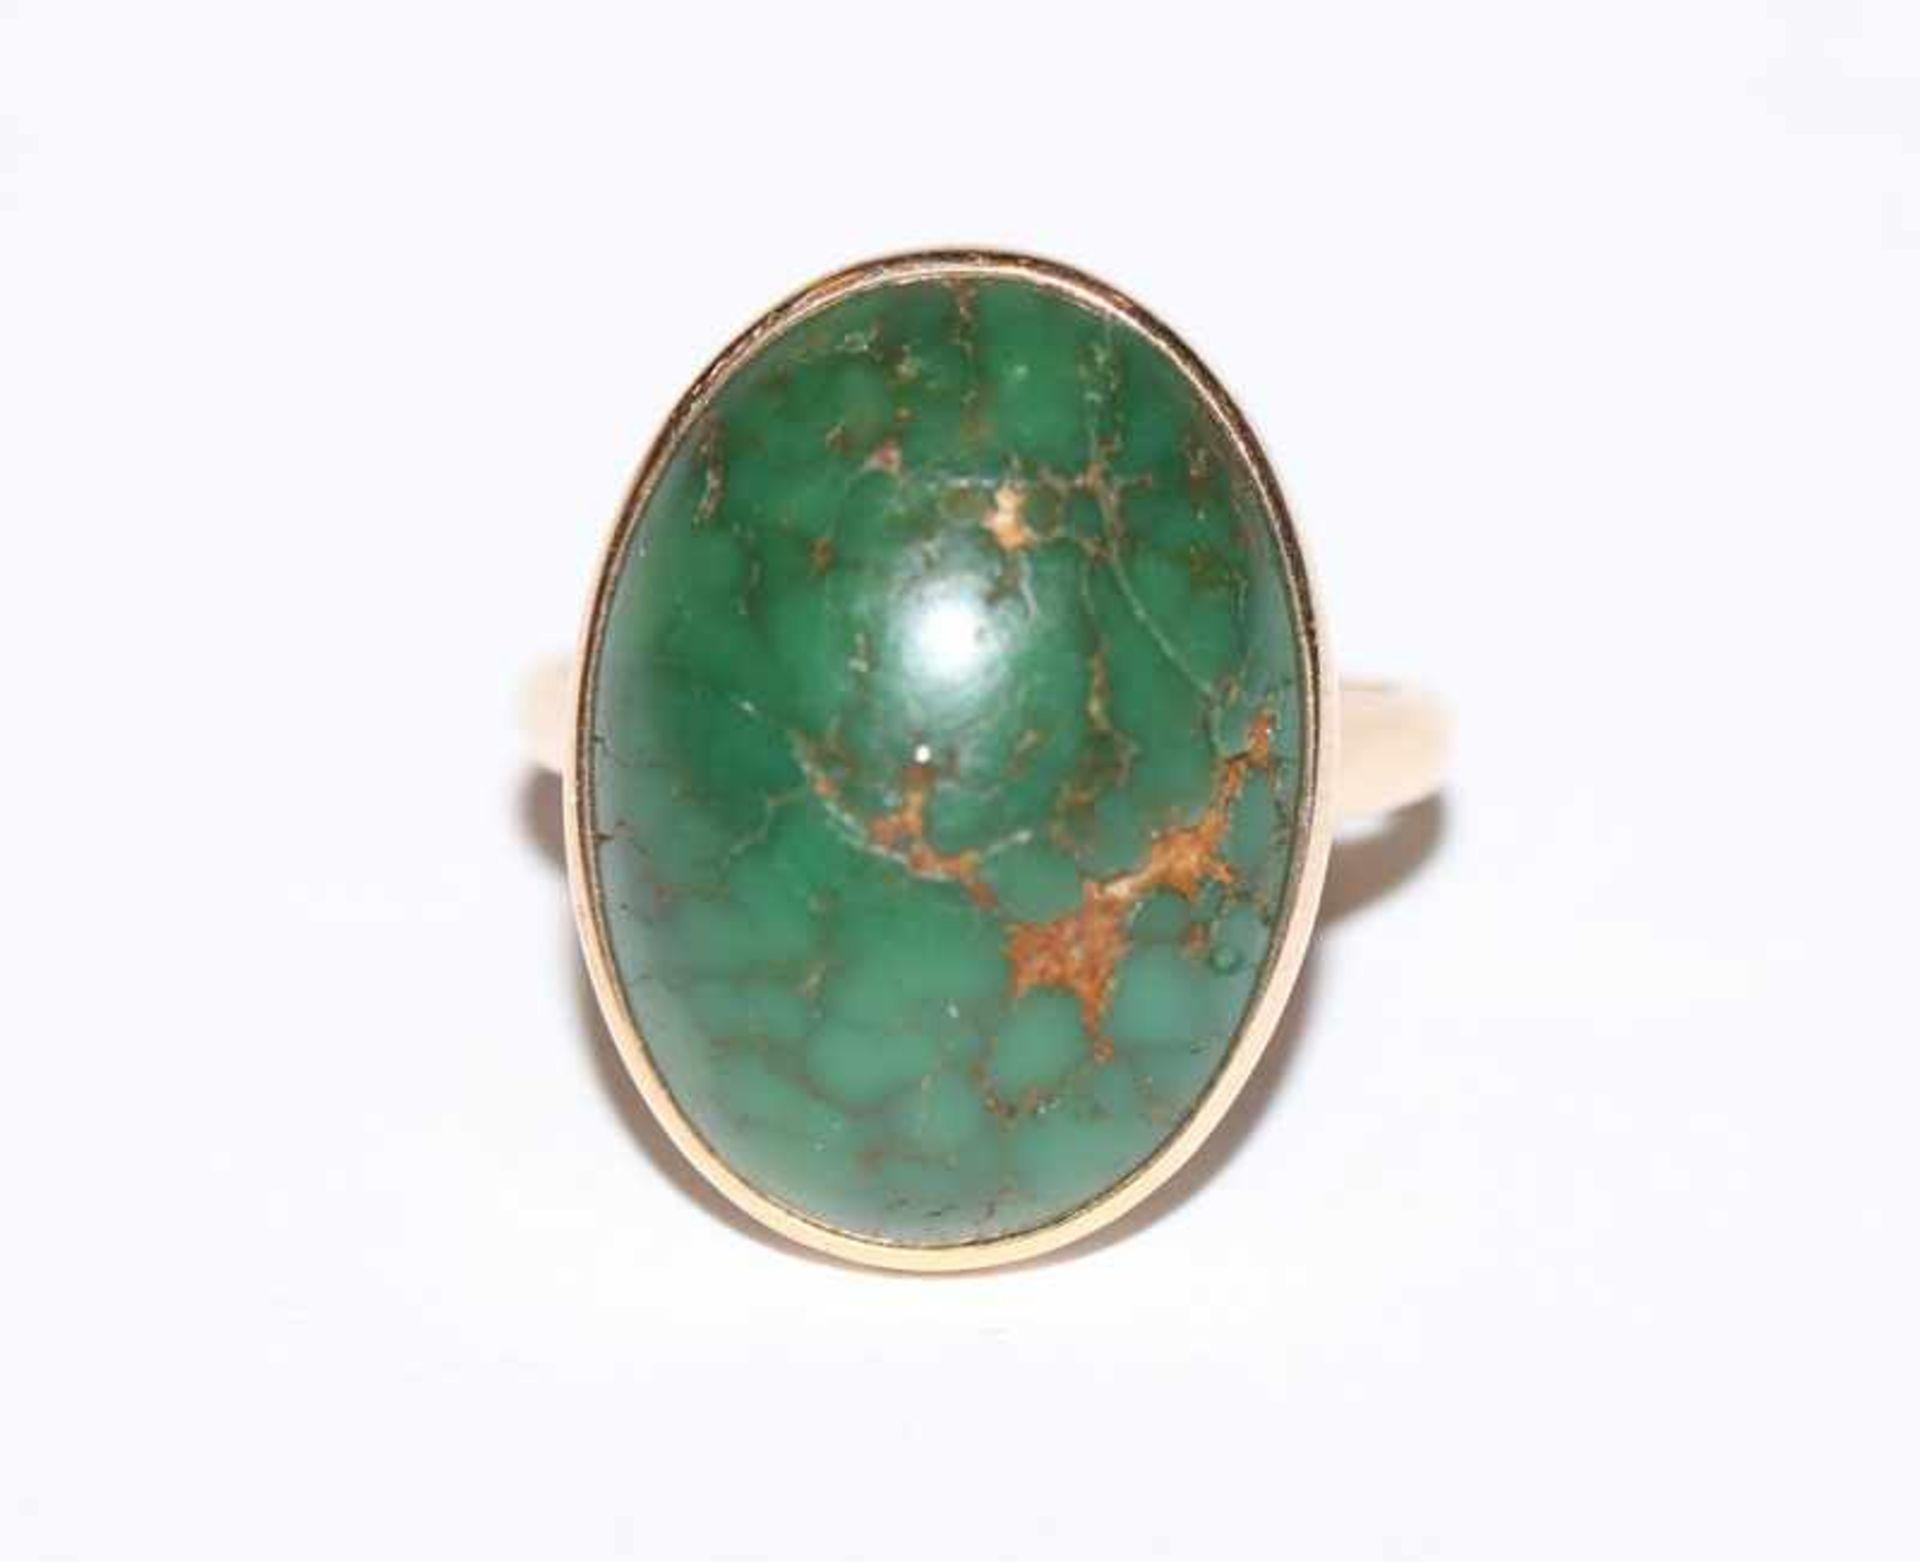 Los 46 - 14 k Gelbgold Ring mit grünem Türkis, Gr. 56, 5,8 gr.